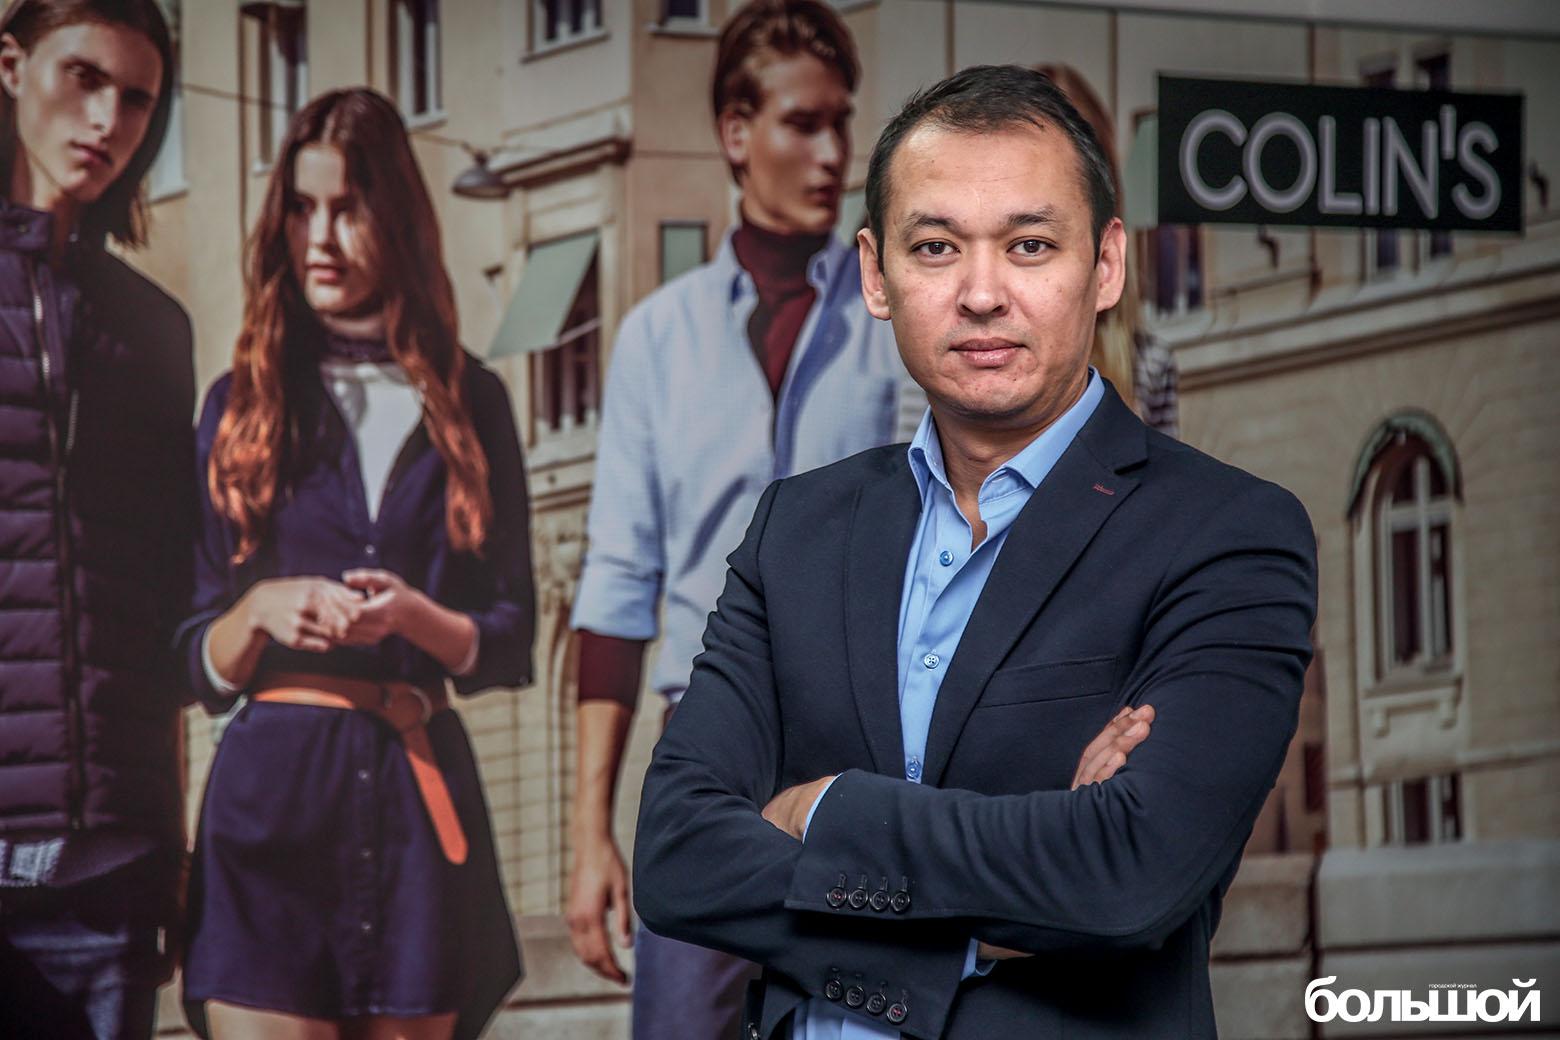 Умыт Каюмов, сеть магазинов Colin`s